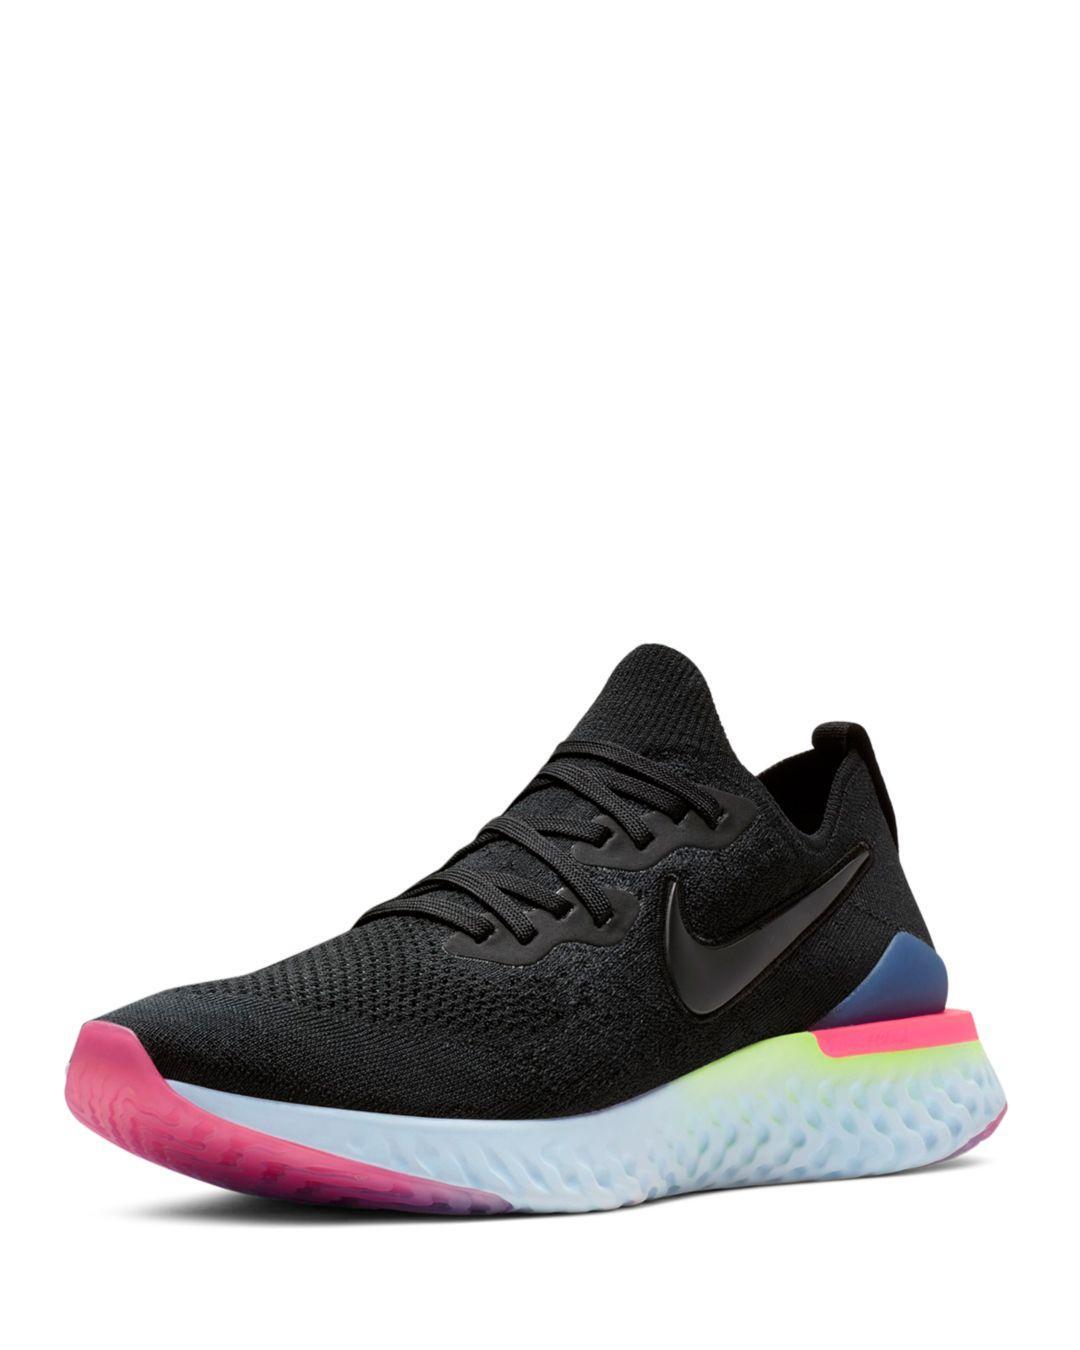 0d7cda3b31a9 Lyst - Nike Men s Epic React Flyknit Sneakers in Black for Men